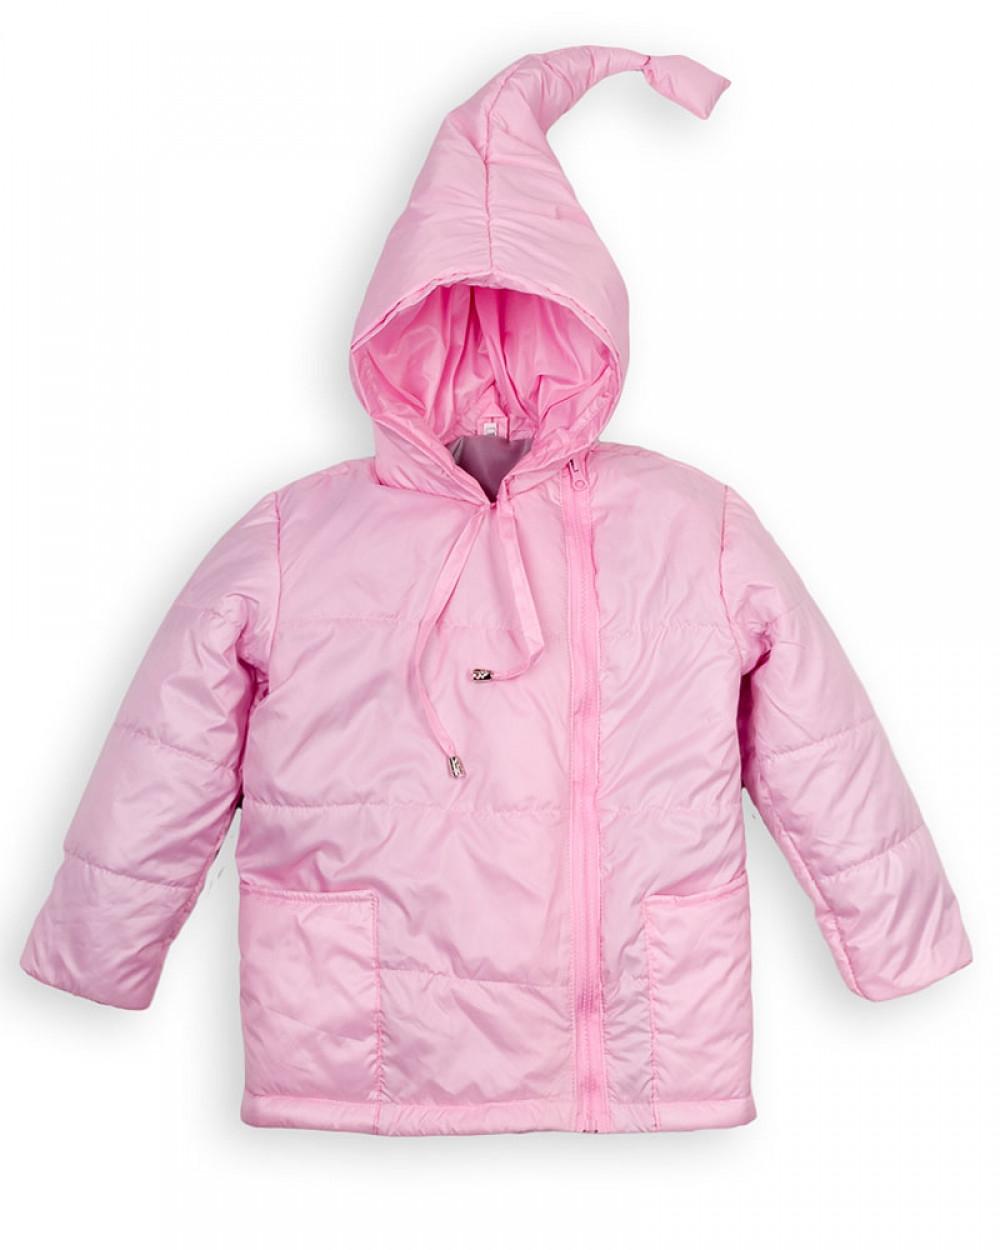 Детская куртка Пусик Гномик весна-осень 90-122 см (1-2, 3-4, 4-5 лет) (Розовая)